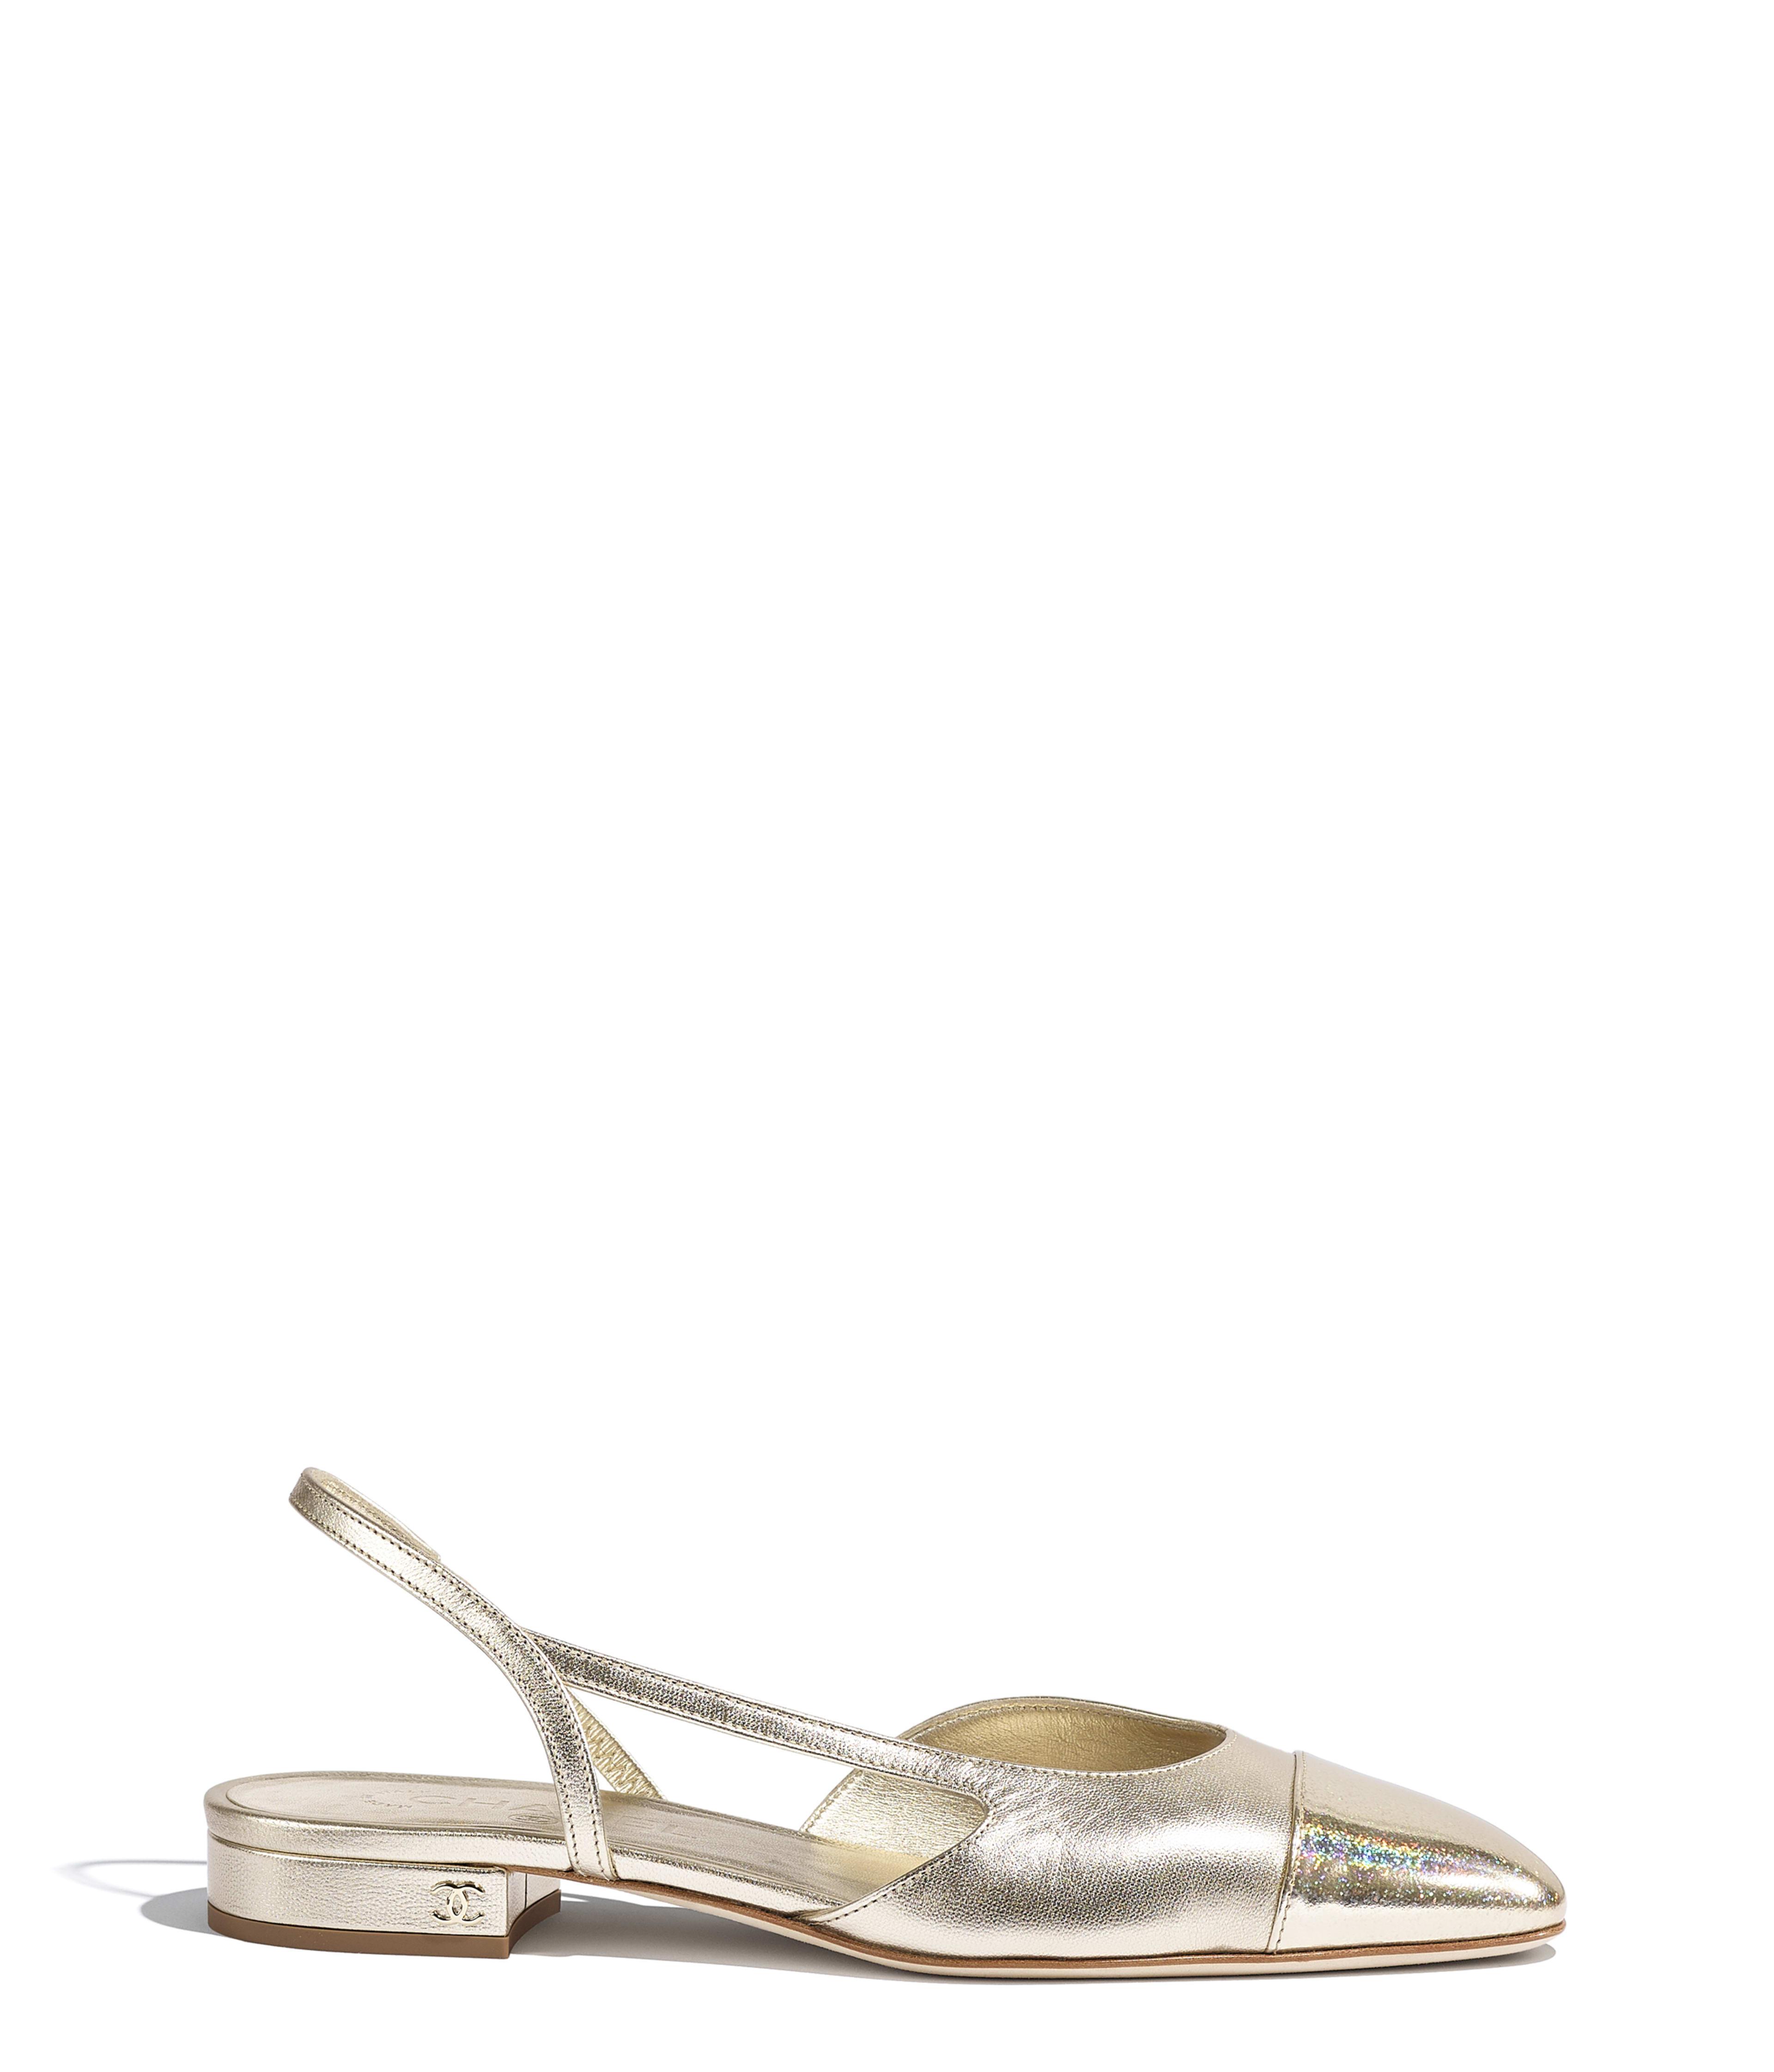 Pumps \u0026 Slingbacks - Shoes | CHANEL